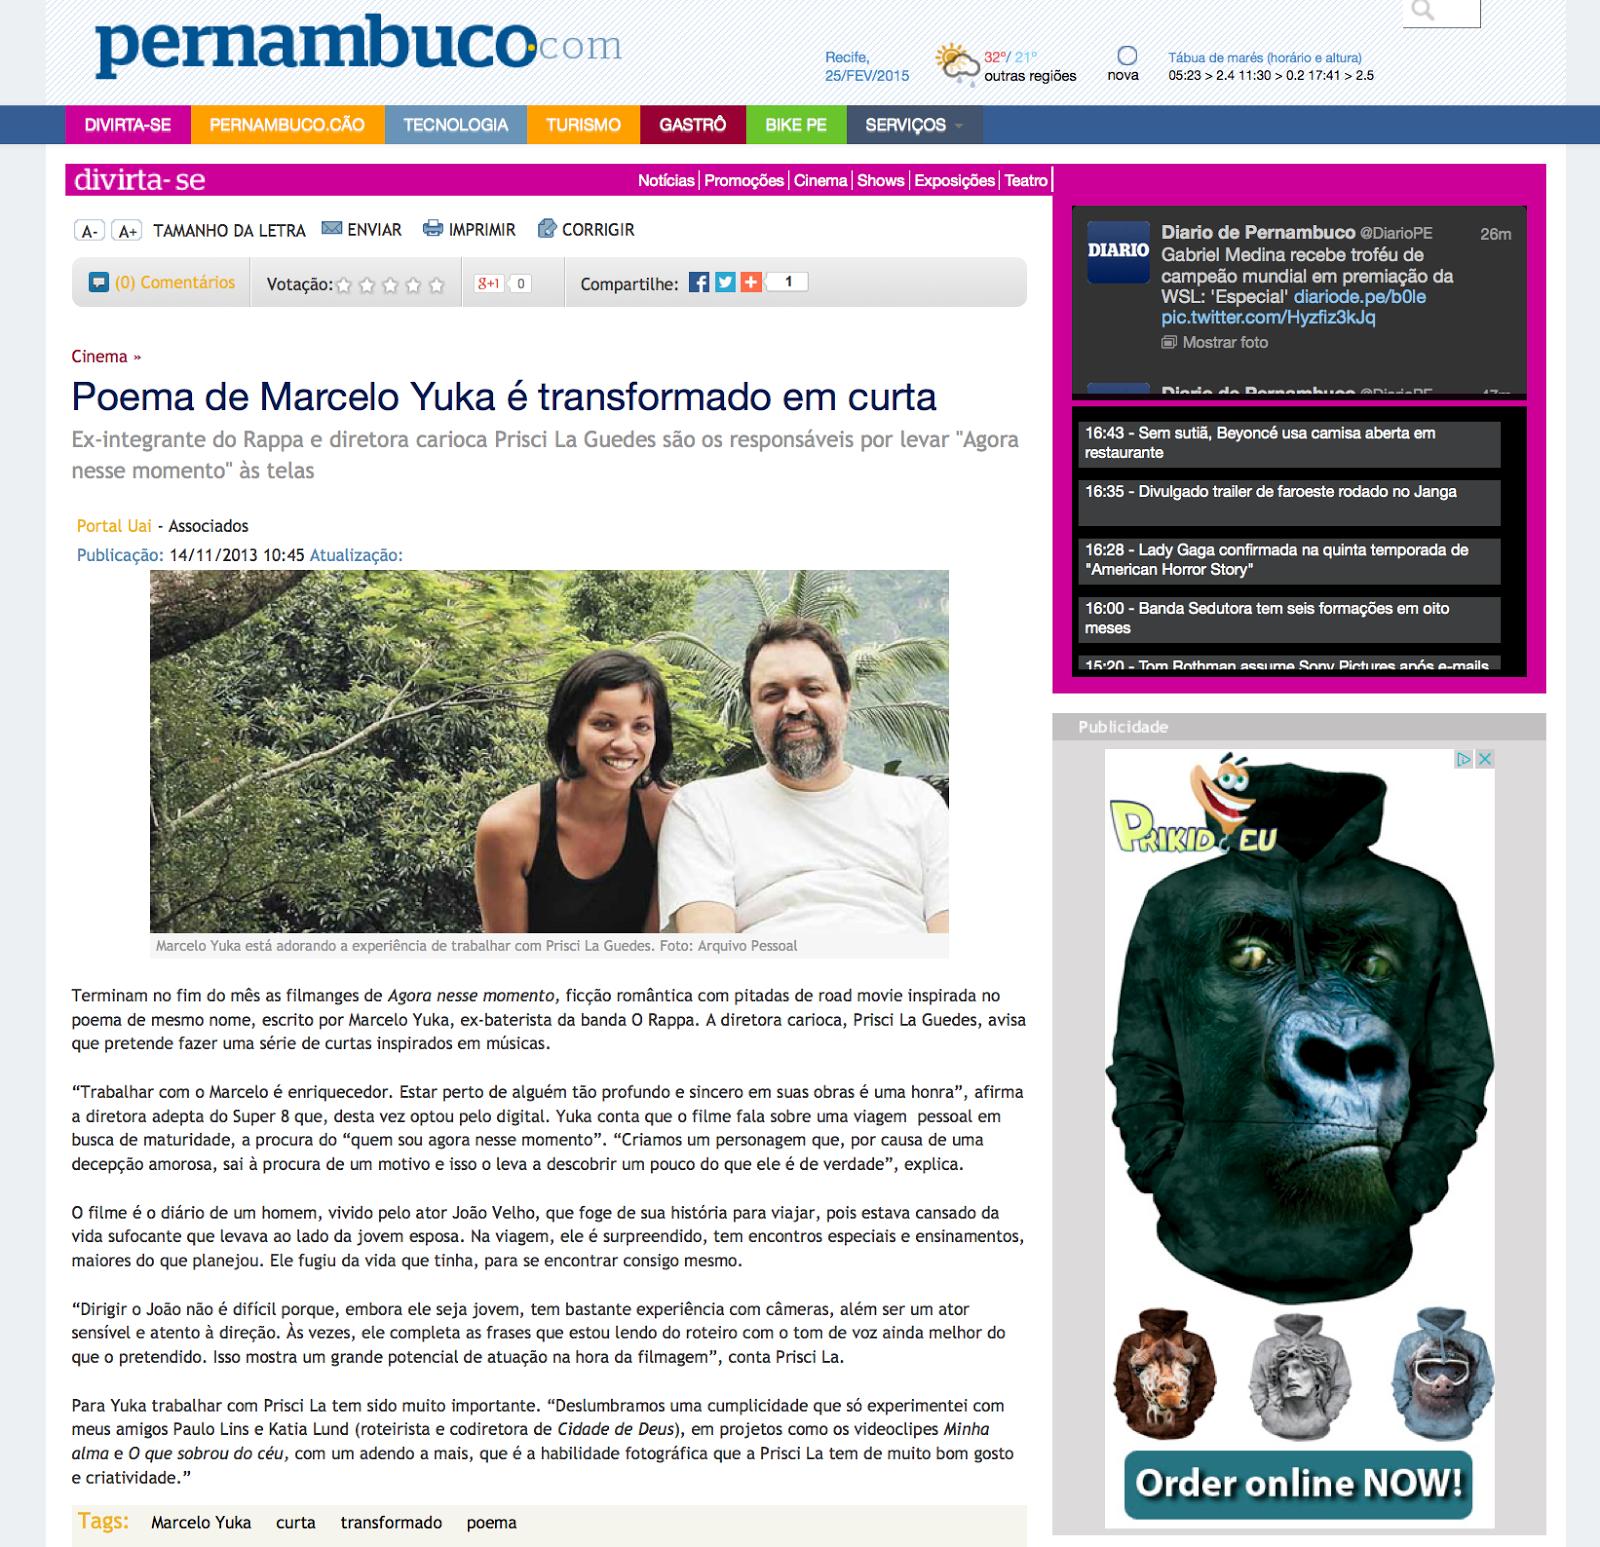 http://www.pernambuco.com/app/noticia/divirtase/45,28,46,61/2013/11/14/internas_viver,473820/poema-de-marcelo-yuka-e-transformado-em-curta.shtml